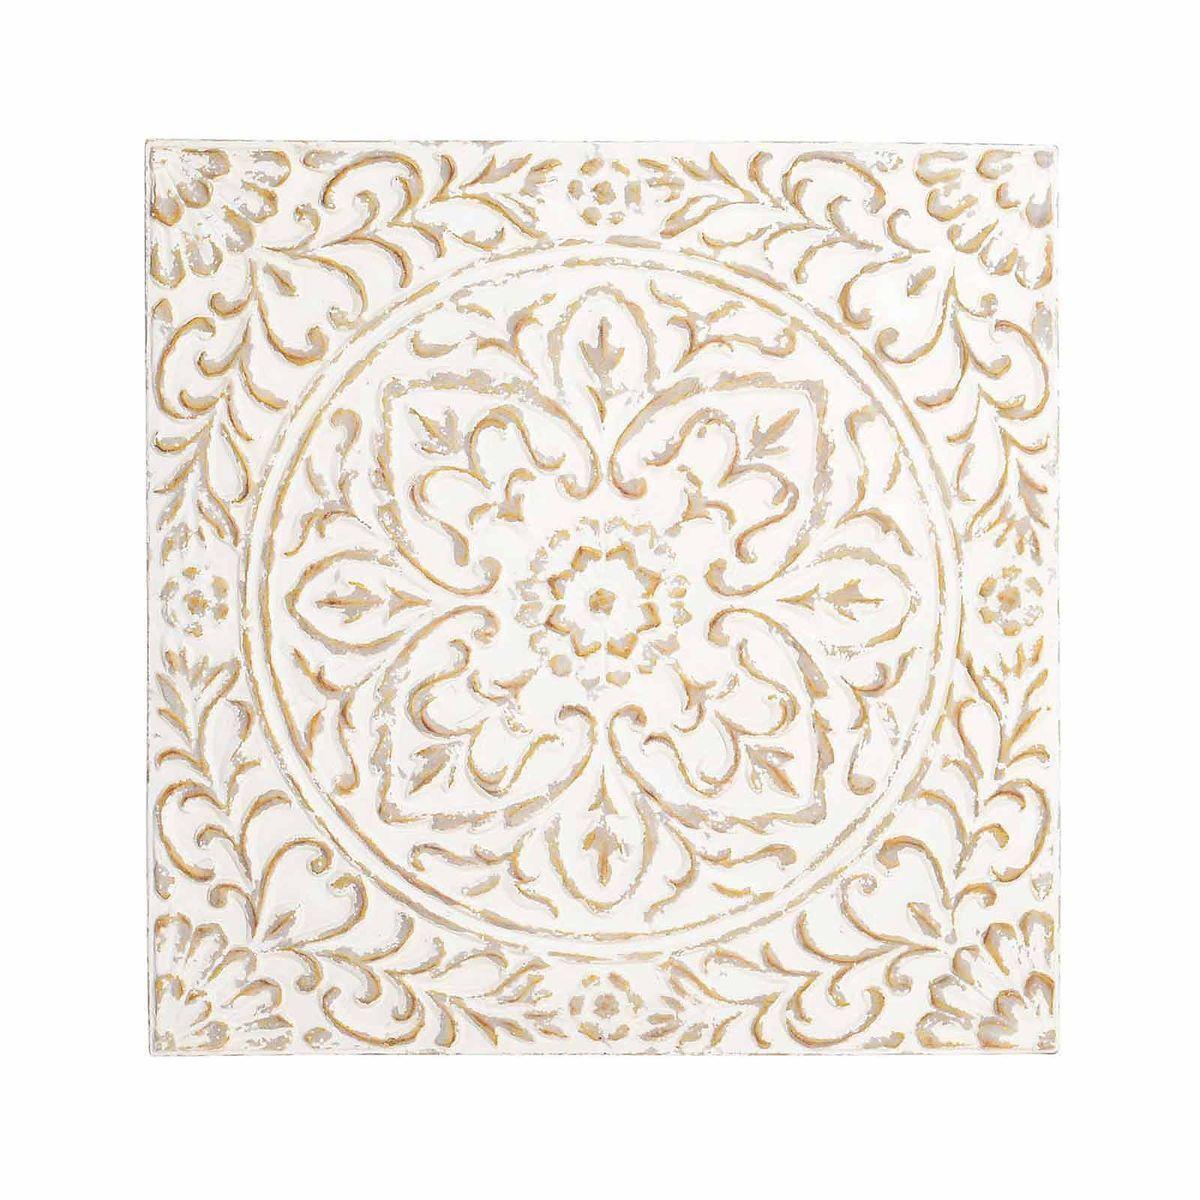 Stunning Wanddeko Ornament aus Metall ca x creme Depot DE